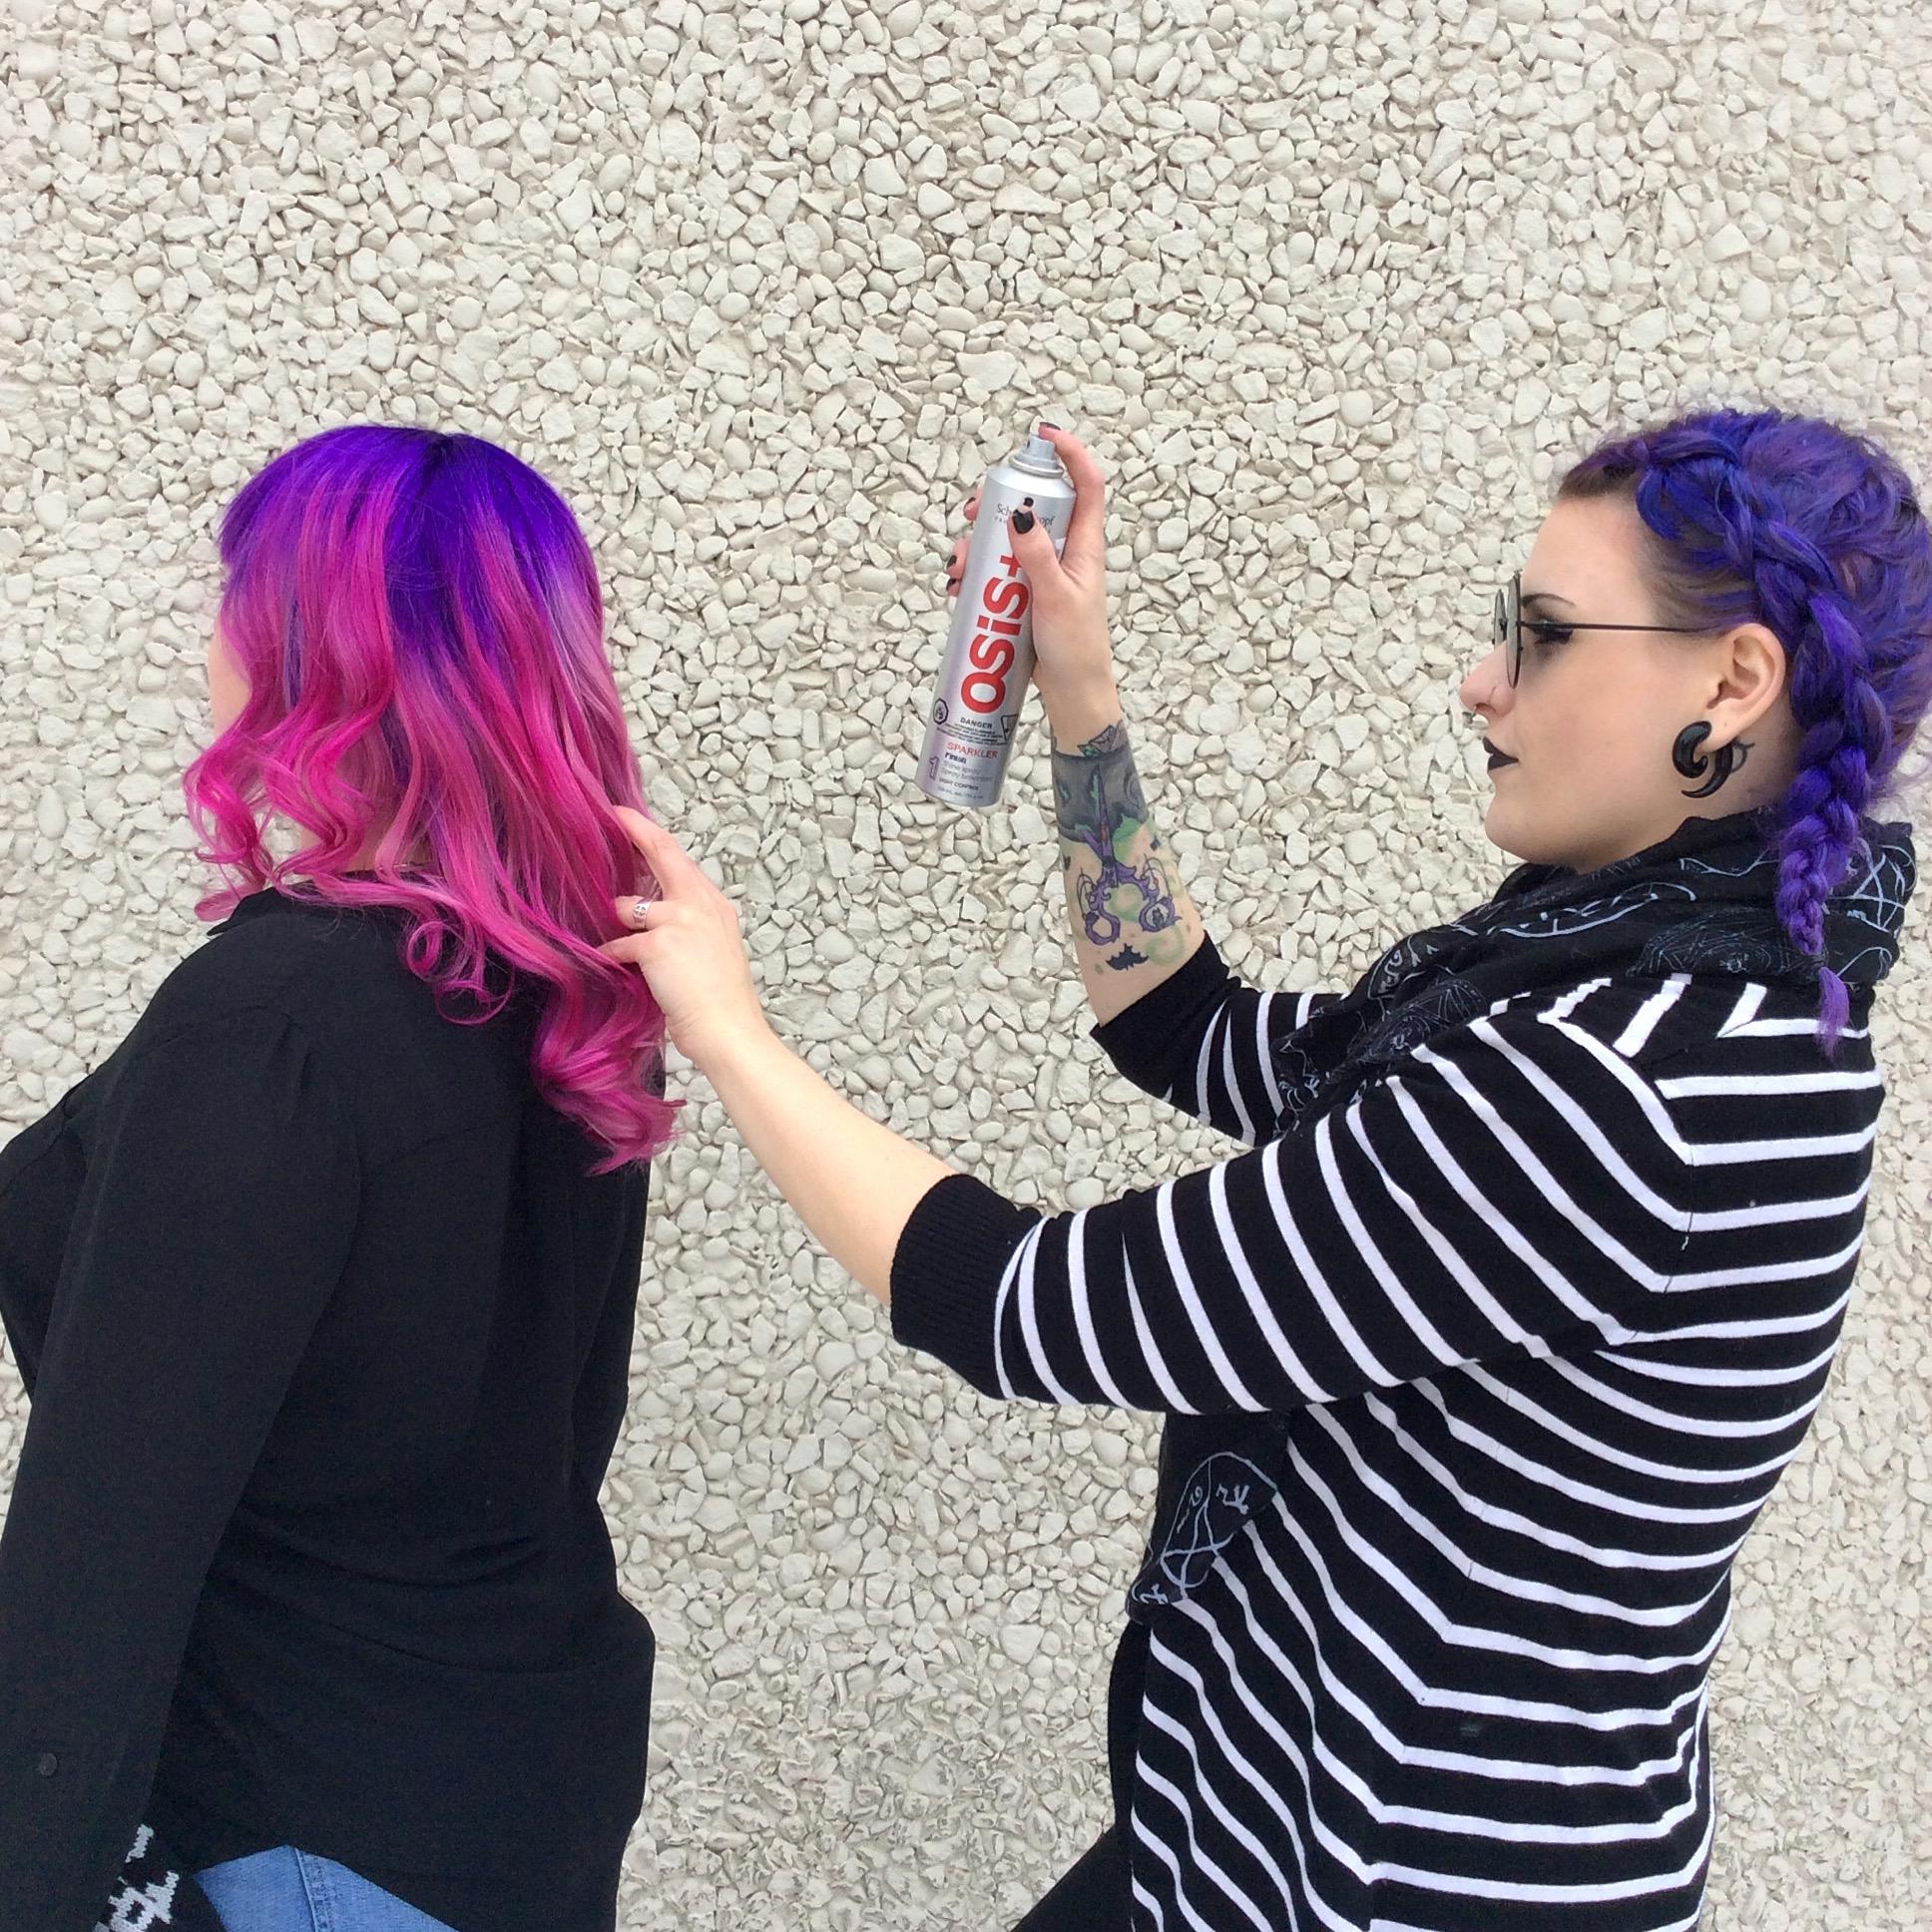 Stylist spraying hair of female customer